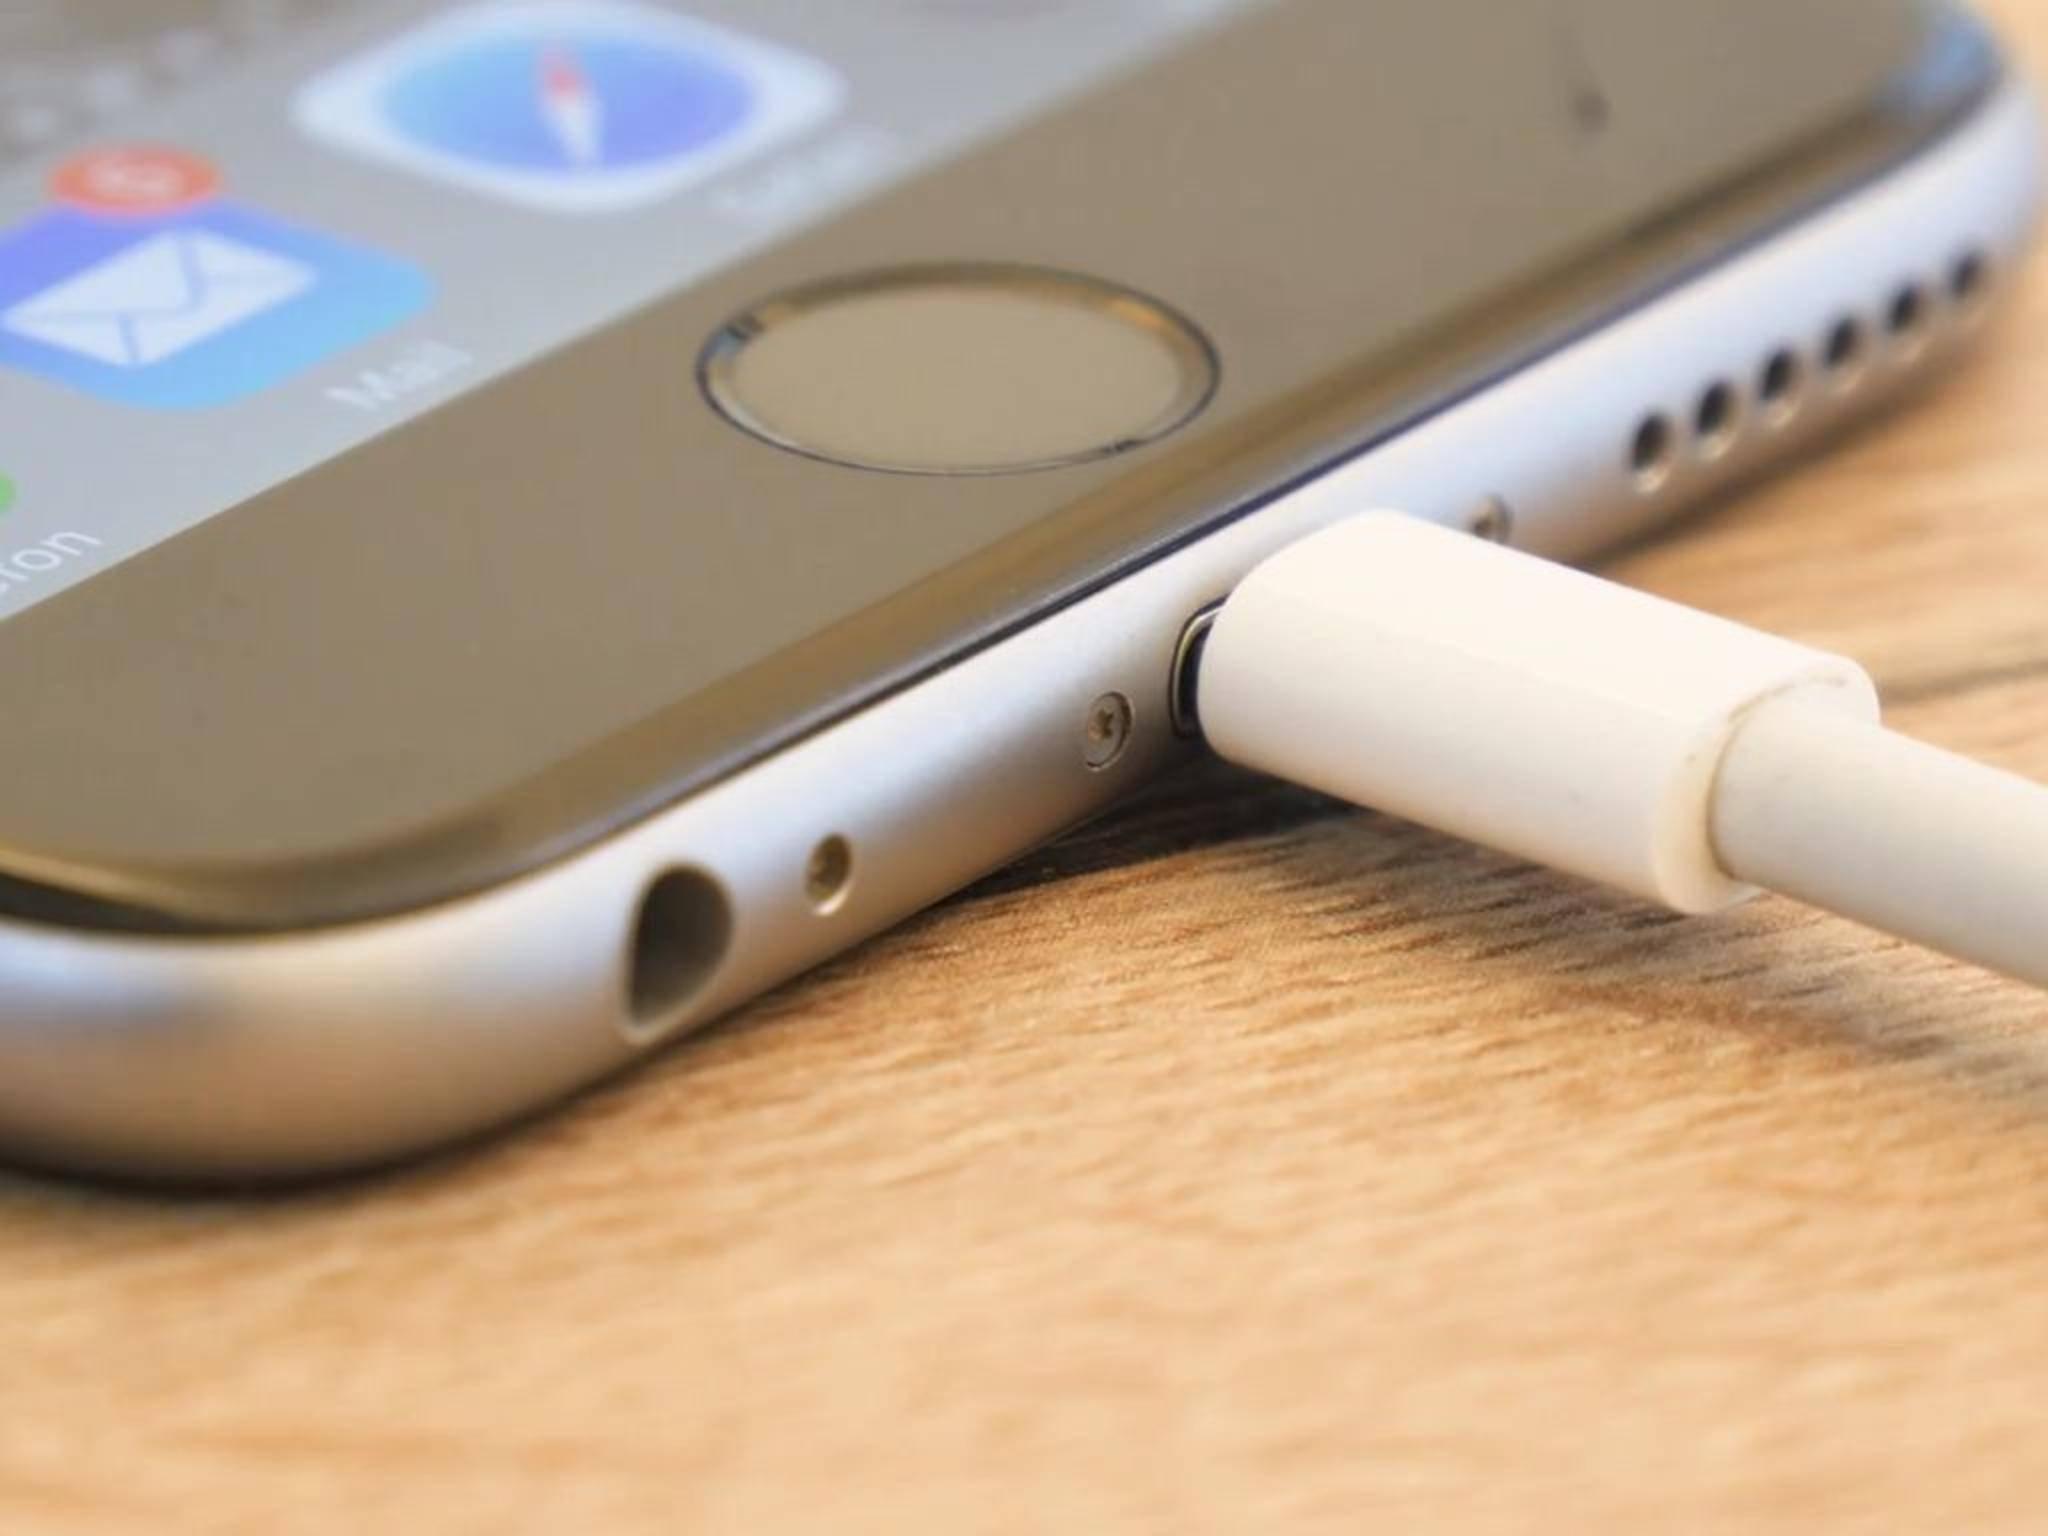 Das iPhone 7 könnte doch noch mal einen physischen Home-Button bekommen.